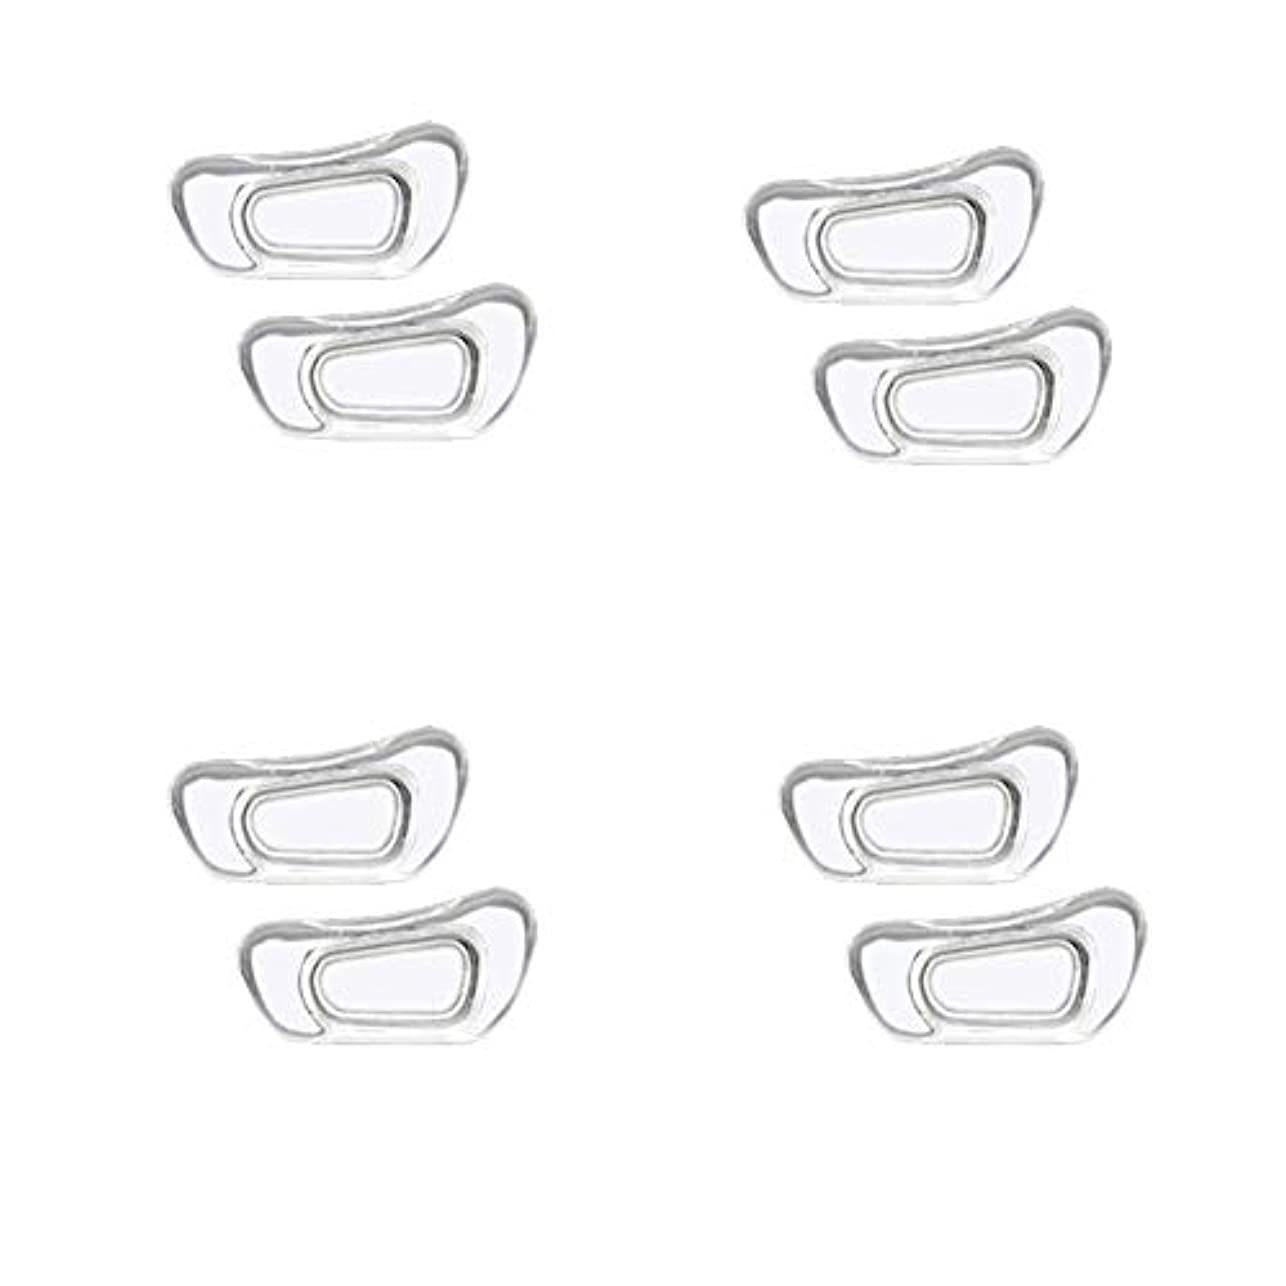 膨らませる植物の夕食を作るChinashow 4ペア透明シリコーン眼鏡 ノーズパッド - クラスプは#15スーパーソフトノンスリップ鼻パッド 入力します